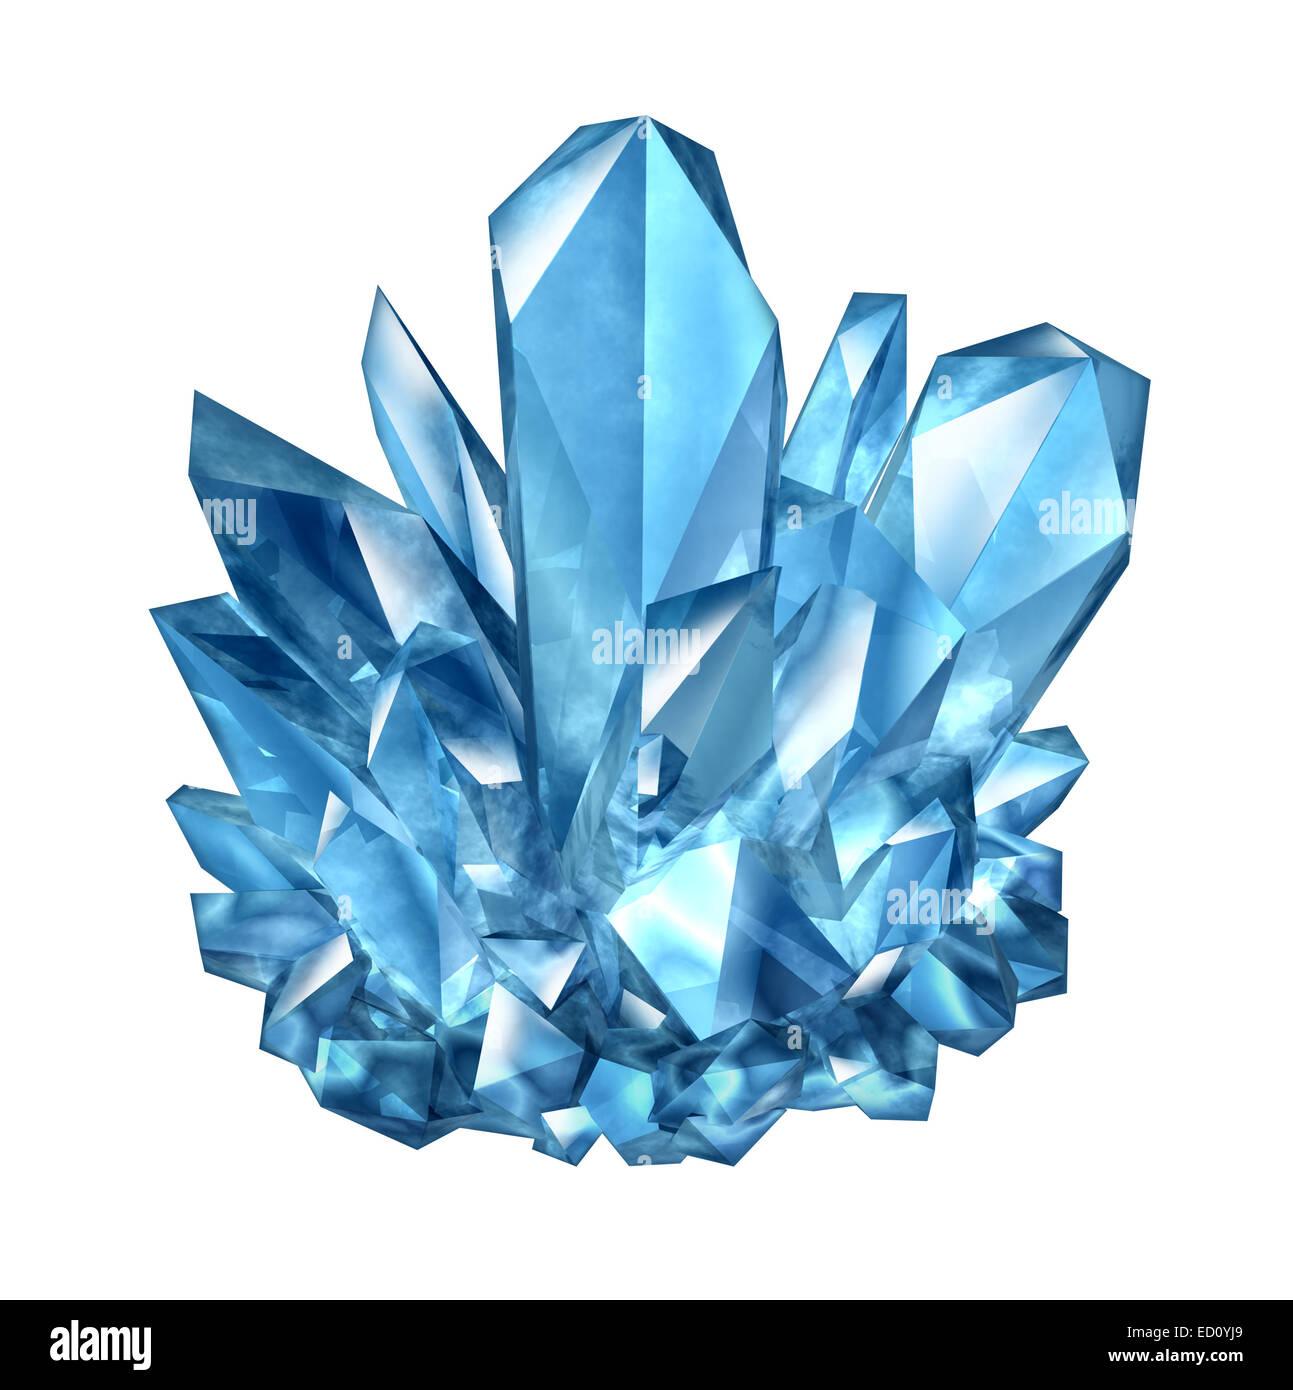 Kristall Edelstein Objekt als Amethyst mineralischen Naturjuwel als eine drei dimensionale Darstellung auf einem Stockbild